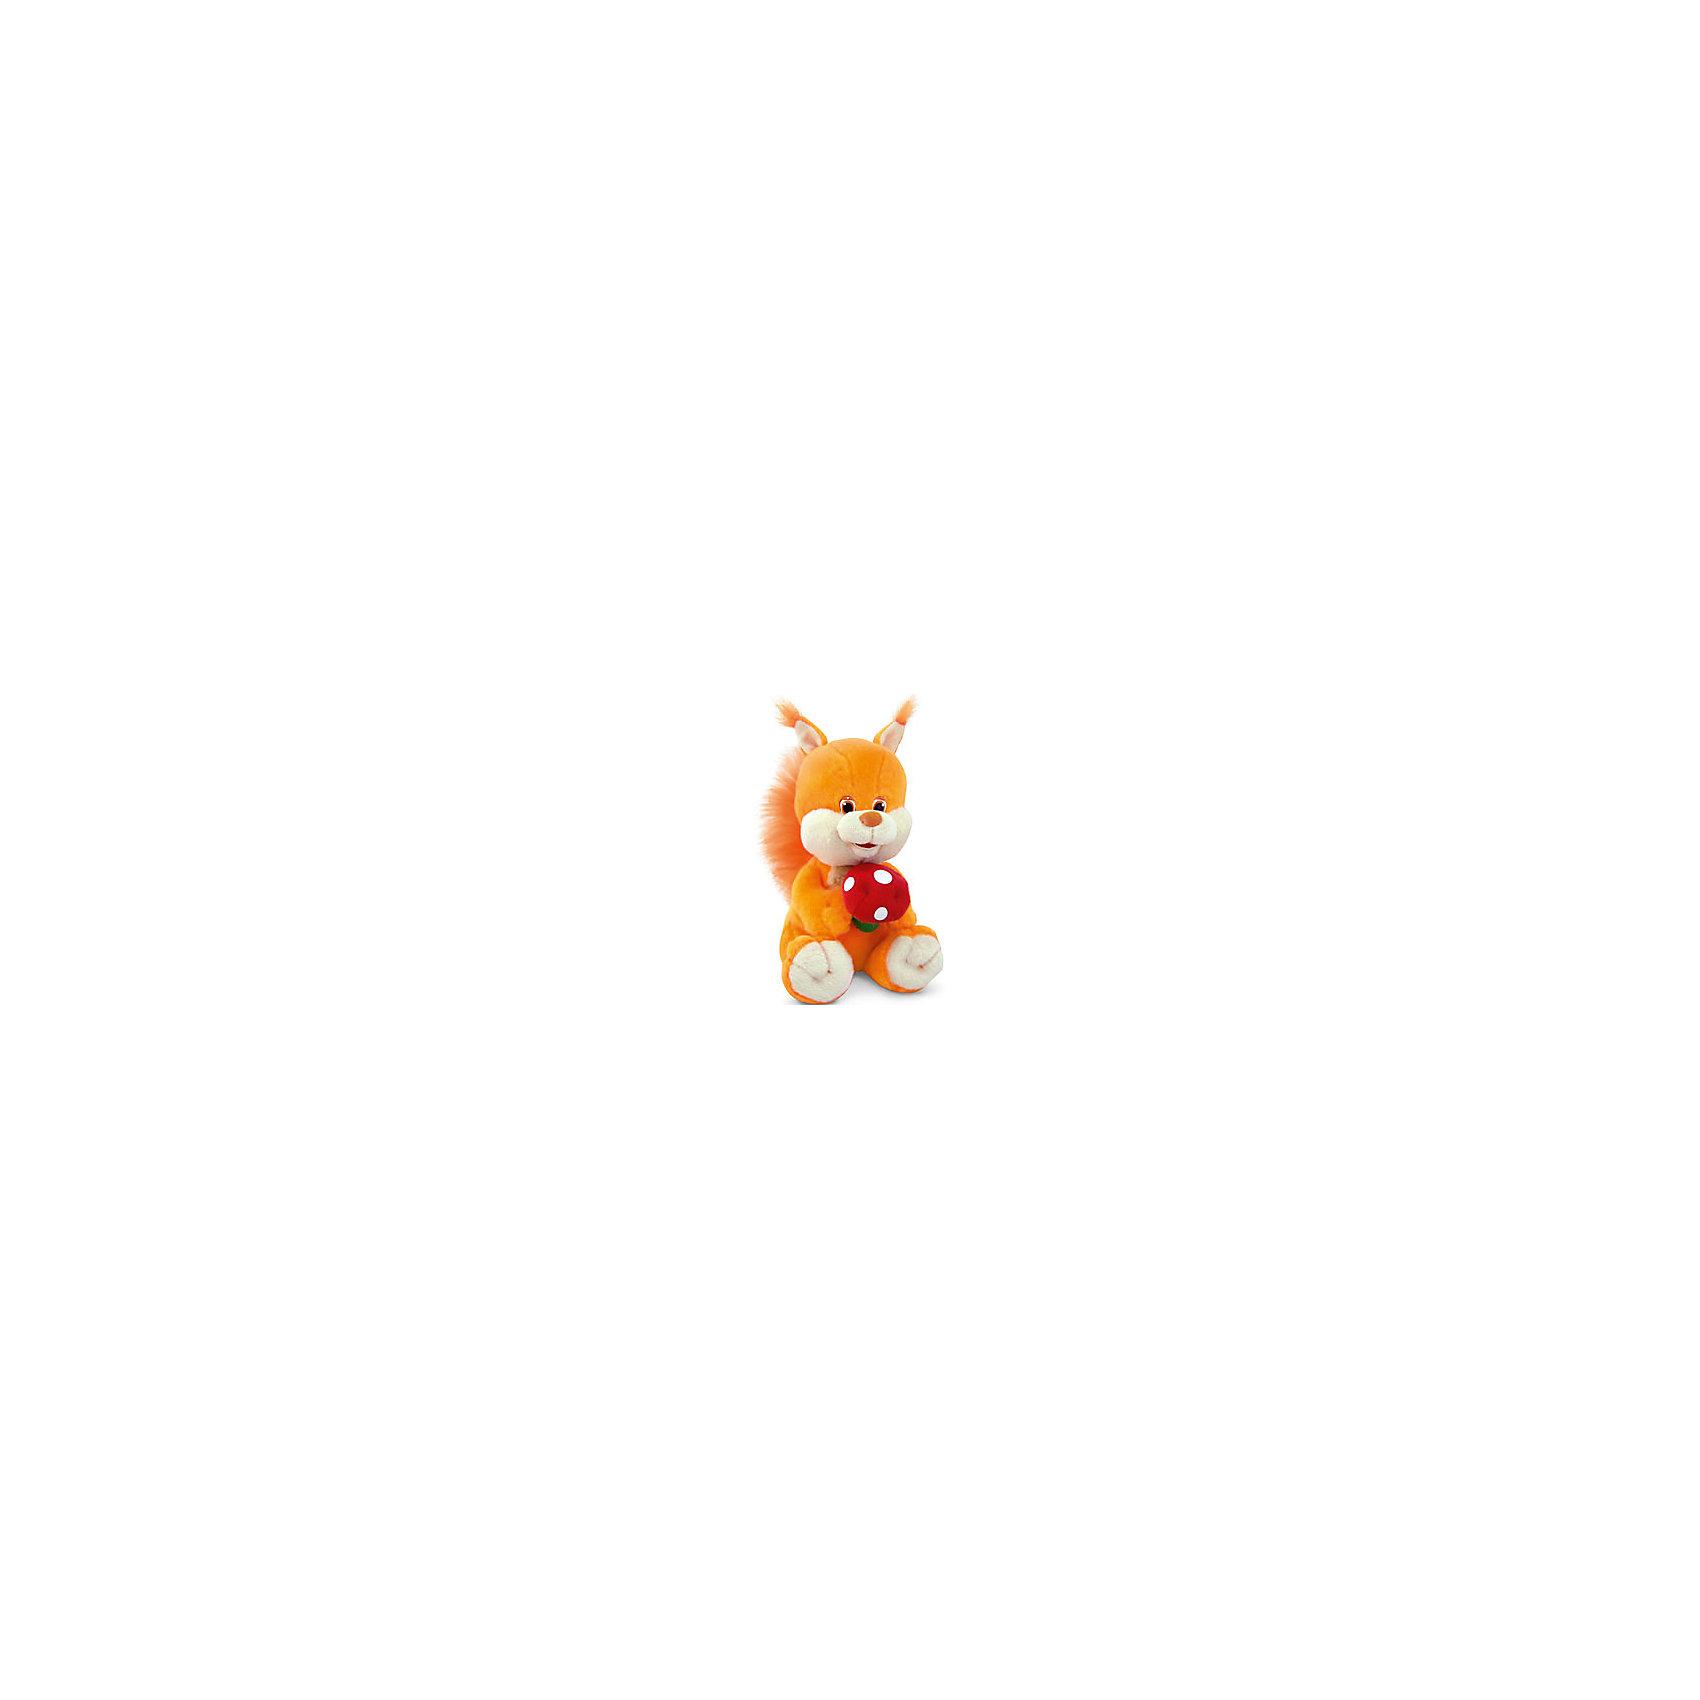 Белка, музыкальная, 19,5 см, LAVAСимпатичная мягкая игрушка сделана в виде Белки с грибом в лапках. Она поможет ребенку проводить время весело и с пользой (такие игрушки развивают воображение и моторику). В игрушке есть встроенный звуковой модуль, работающий на батарейках.<br>Размер игрушки универсален - 19,5 сантиметров, её удобно брать с собой в поездки и на прогулку. Сделана Белка из качественных и безопасных для ребенка материалов, которые еще и приятны на ощупь. Эта игрушка может стать и отличным подарком для взрослого.<br><br>Дополнительная информация:<br><br>- материал: текстиль, пластик;<br>- звуковой модуль;<br>- язык: русский;<br>- работает на батарейках;<br>- высота: 19,5 см.<br><br>Игрушку Белка, музыкальная, 19,5 см, от марки LAVA можно купить в нашем магазине.<br><br>Ширина мм: 9999<br>Глубина мм: 9999<br>Высота мм: 195<br>Вес г: 197<br>Возраст от месяцев: 36<br>Возраст до месяцев: 1188<br>Пол: Унисекс<br>Возраст: Детский<br>SKU: 4701870